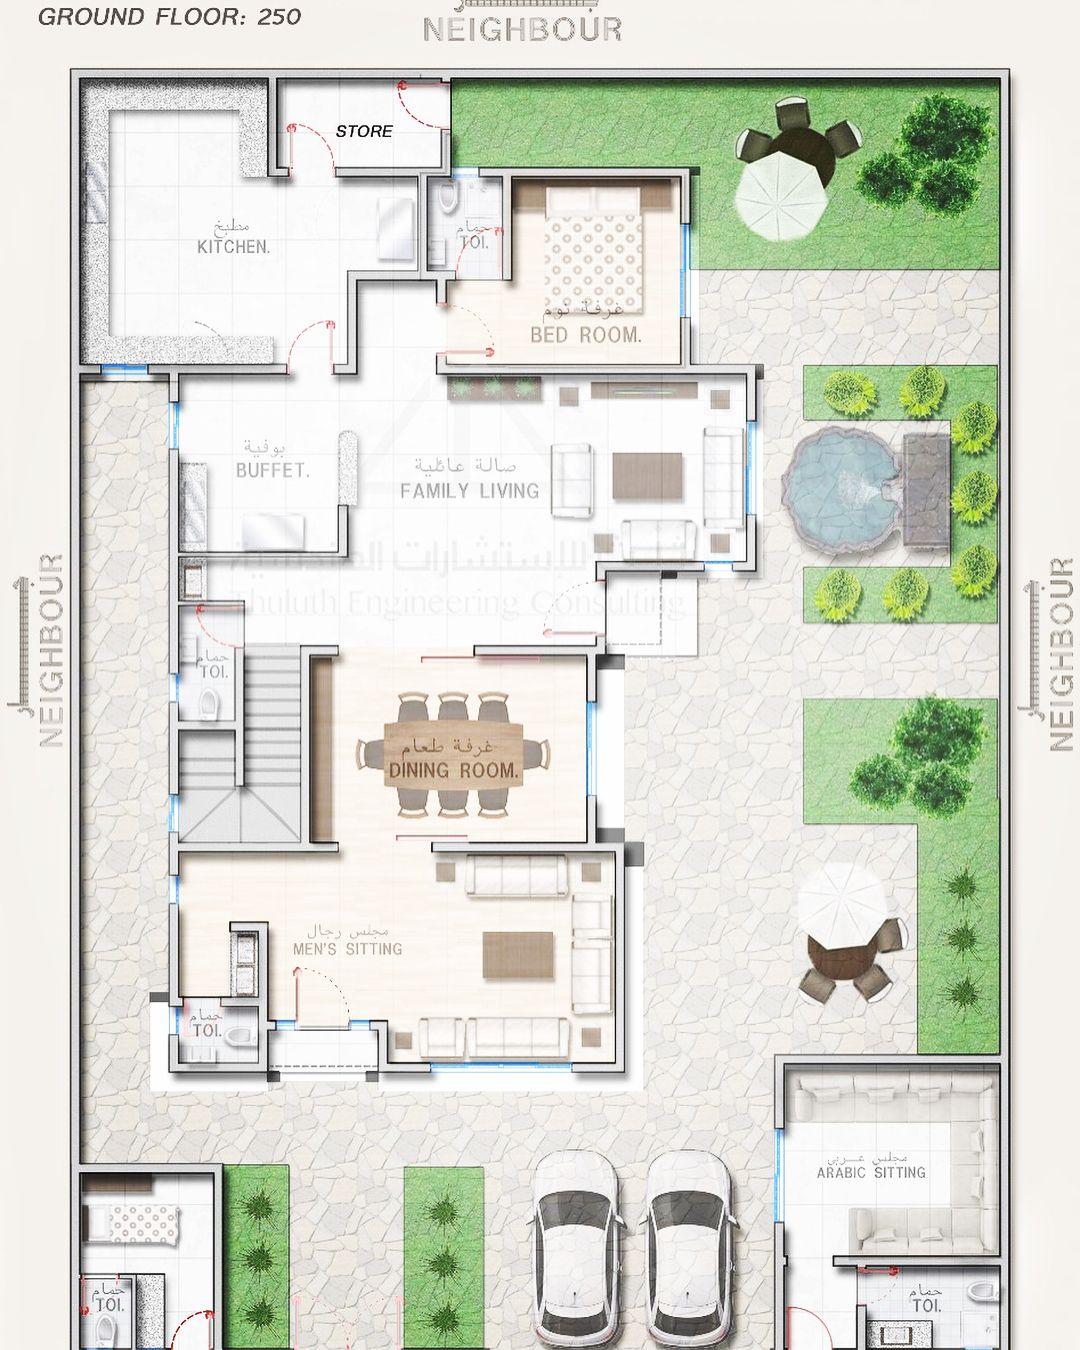 م خطط ن موذجي لف يلا بمس احة أرض ٤٠٠ م٢ تصميم واجهات فلل شاليهات جمال House Layout Plans Modern Floor Plans Home Map Design